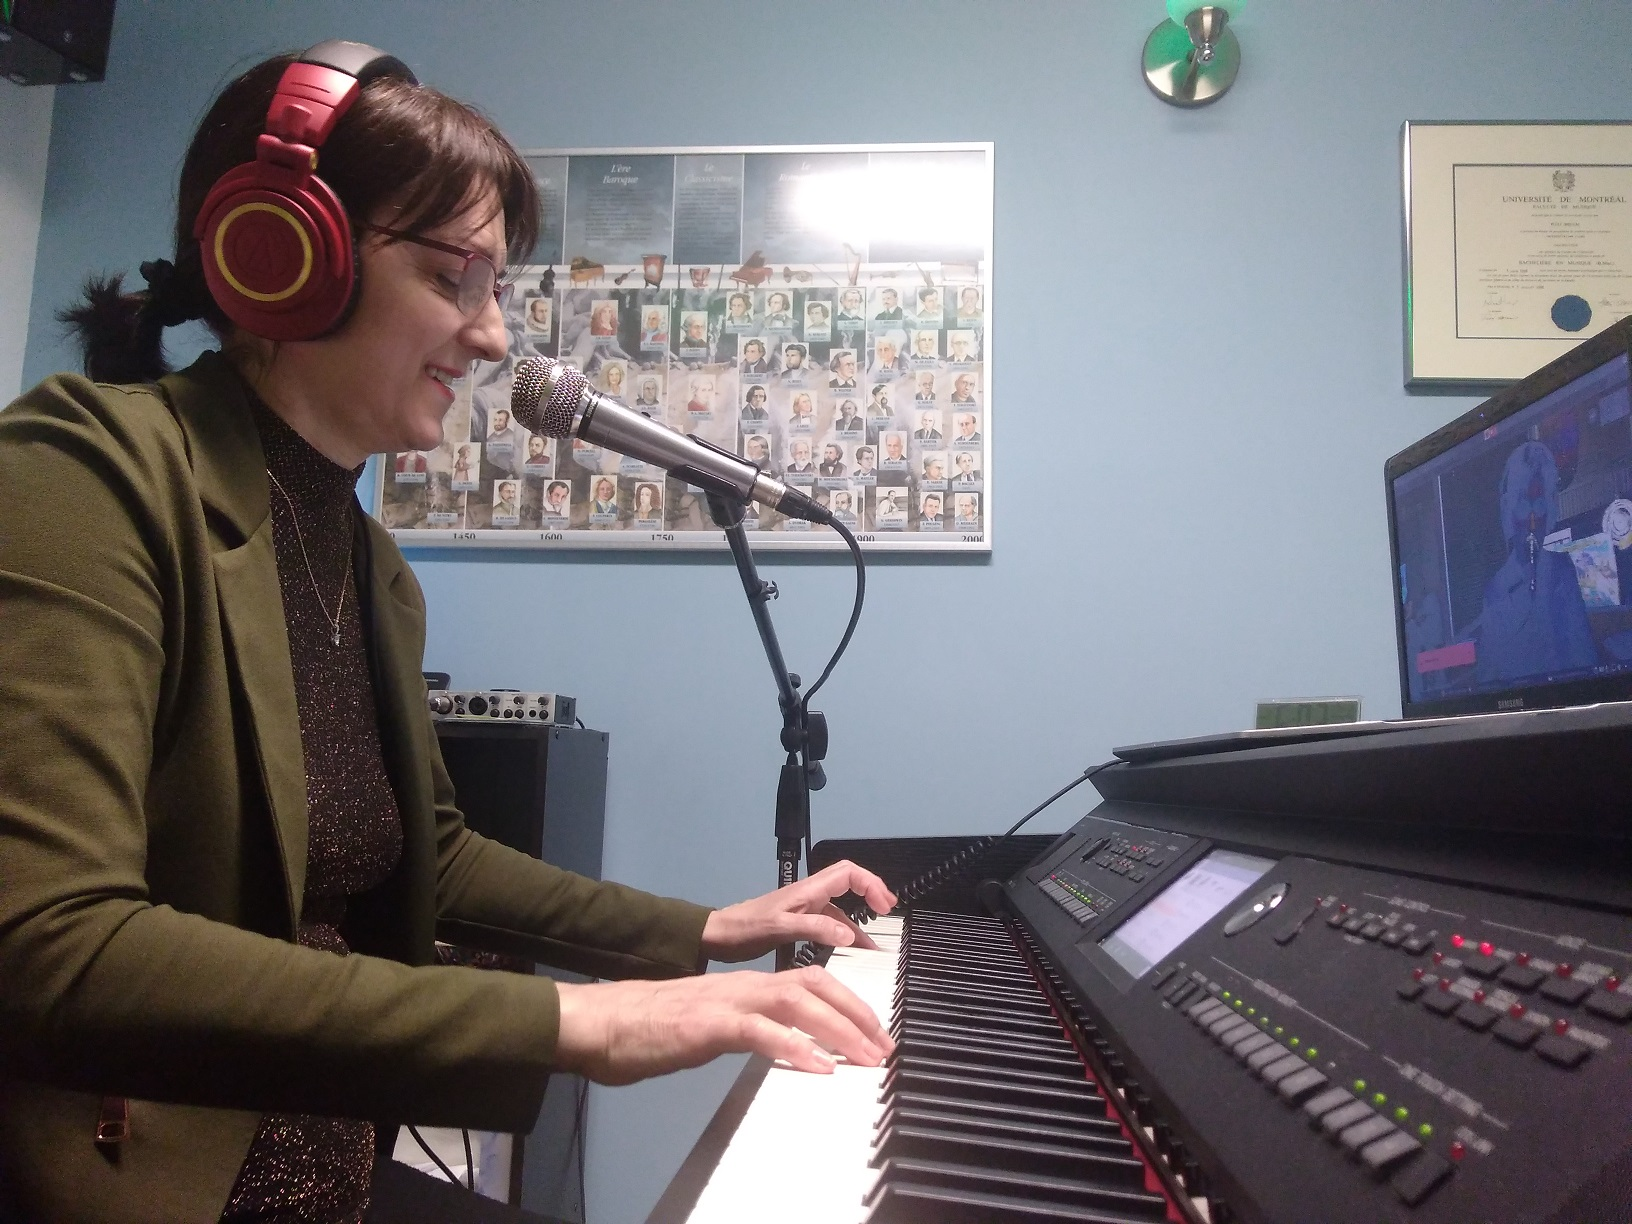 Cours de musique en vidéoconférence | École de musique Premier Mouvement